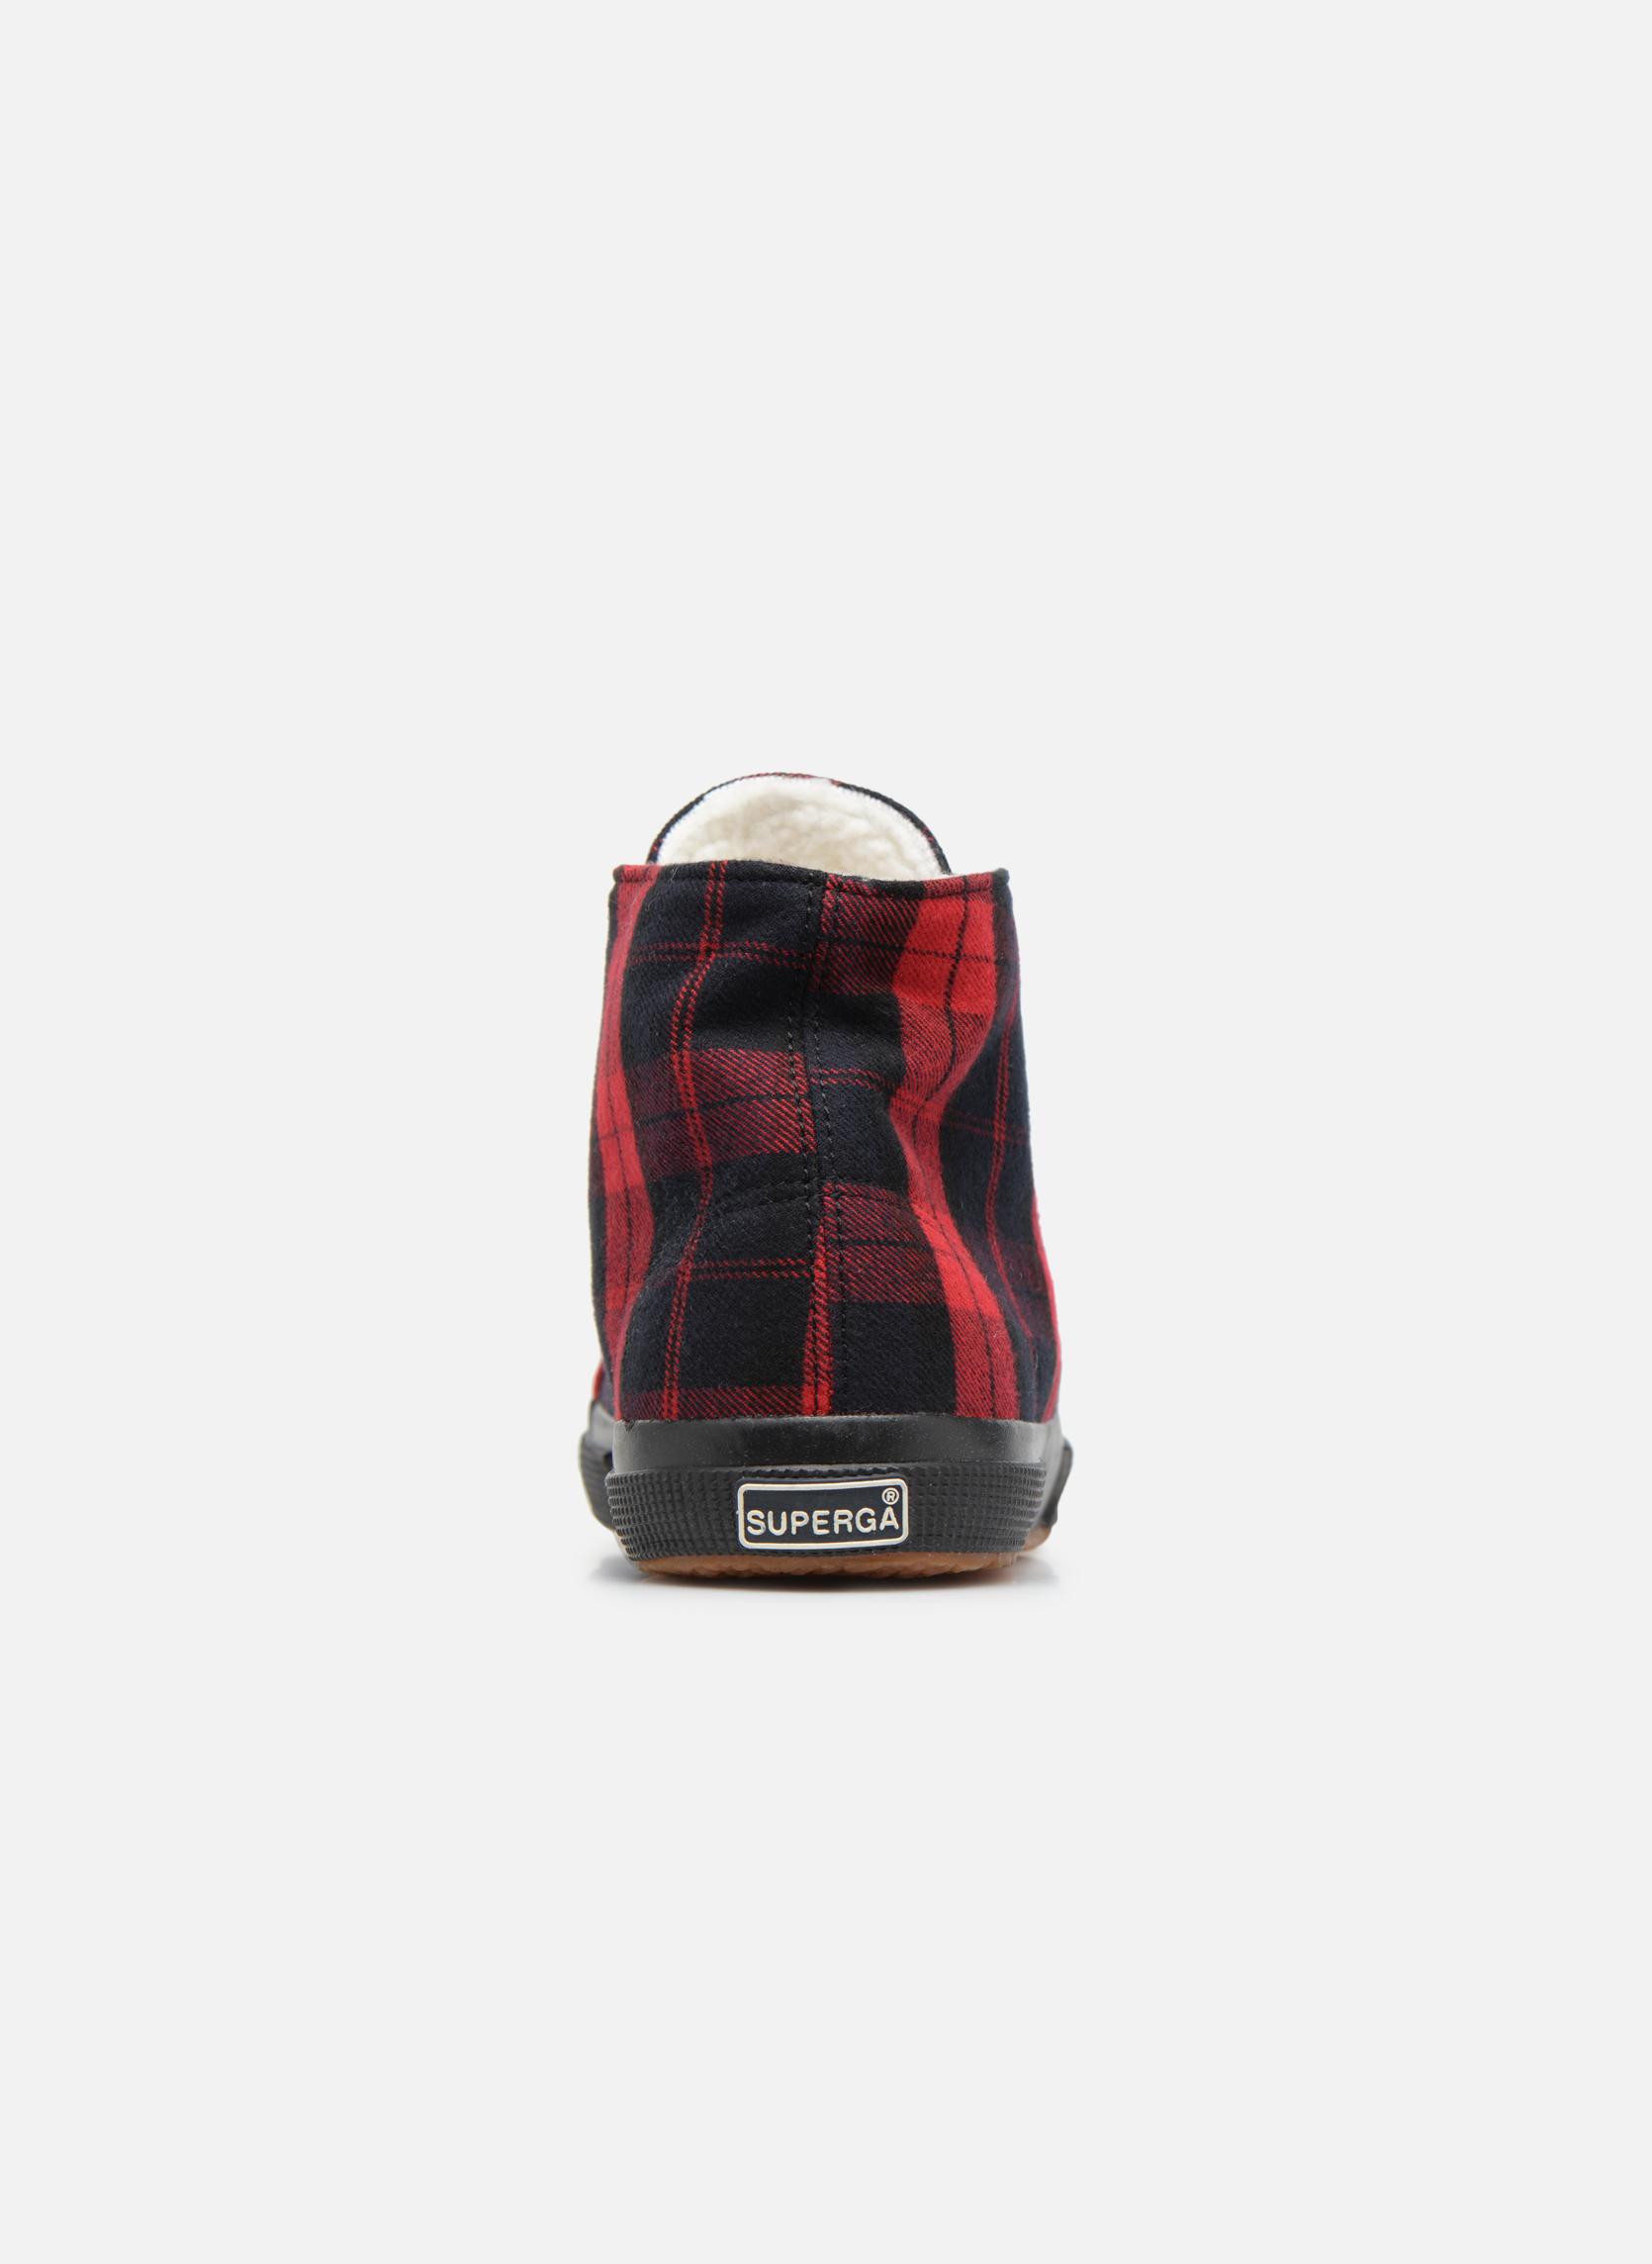 2095 TWEEDBINU Red Black